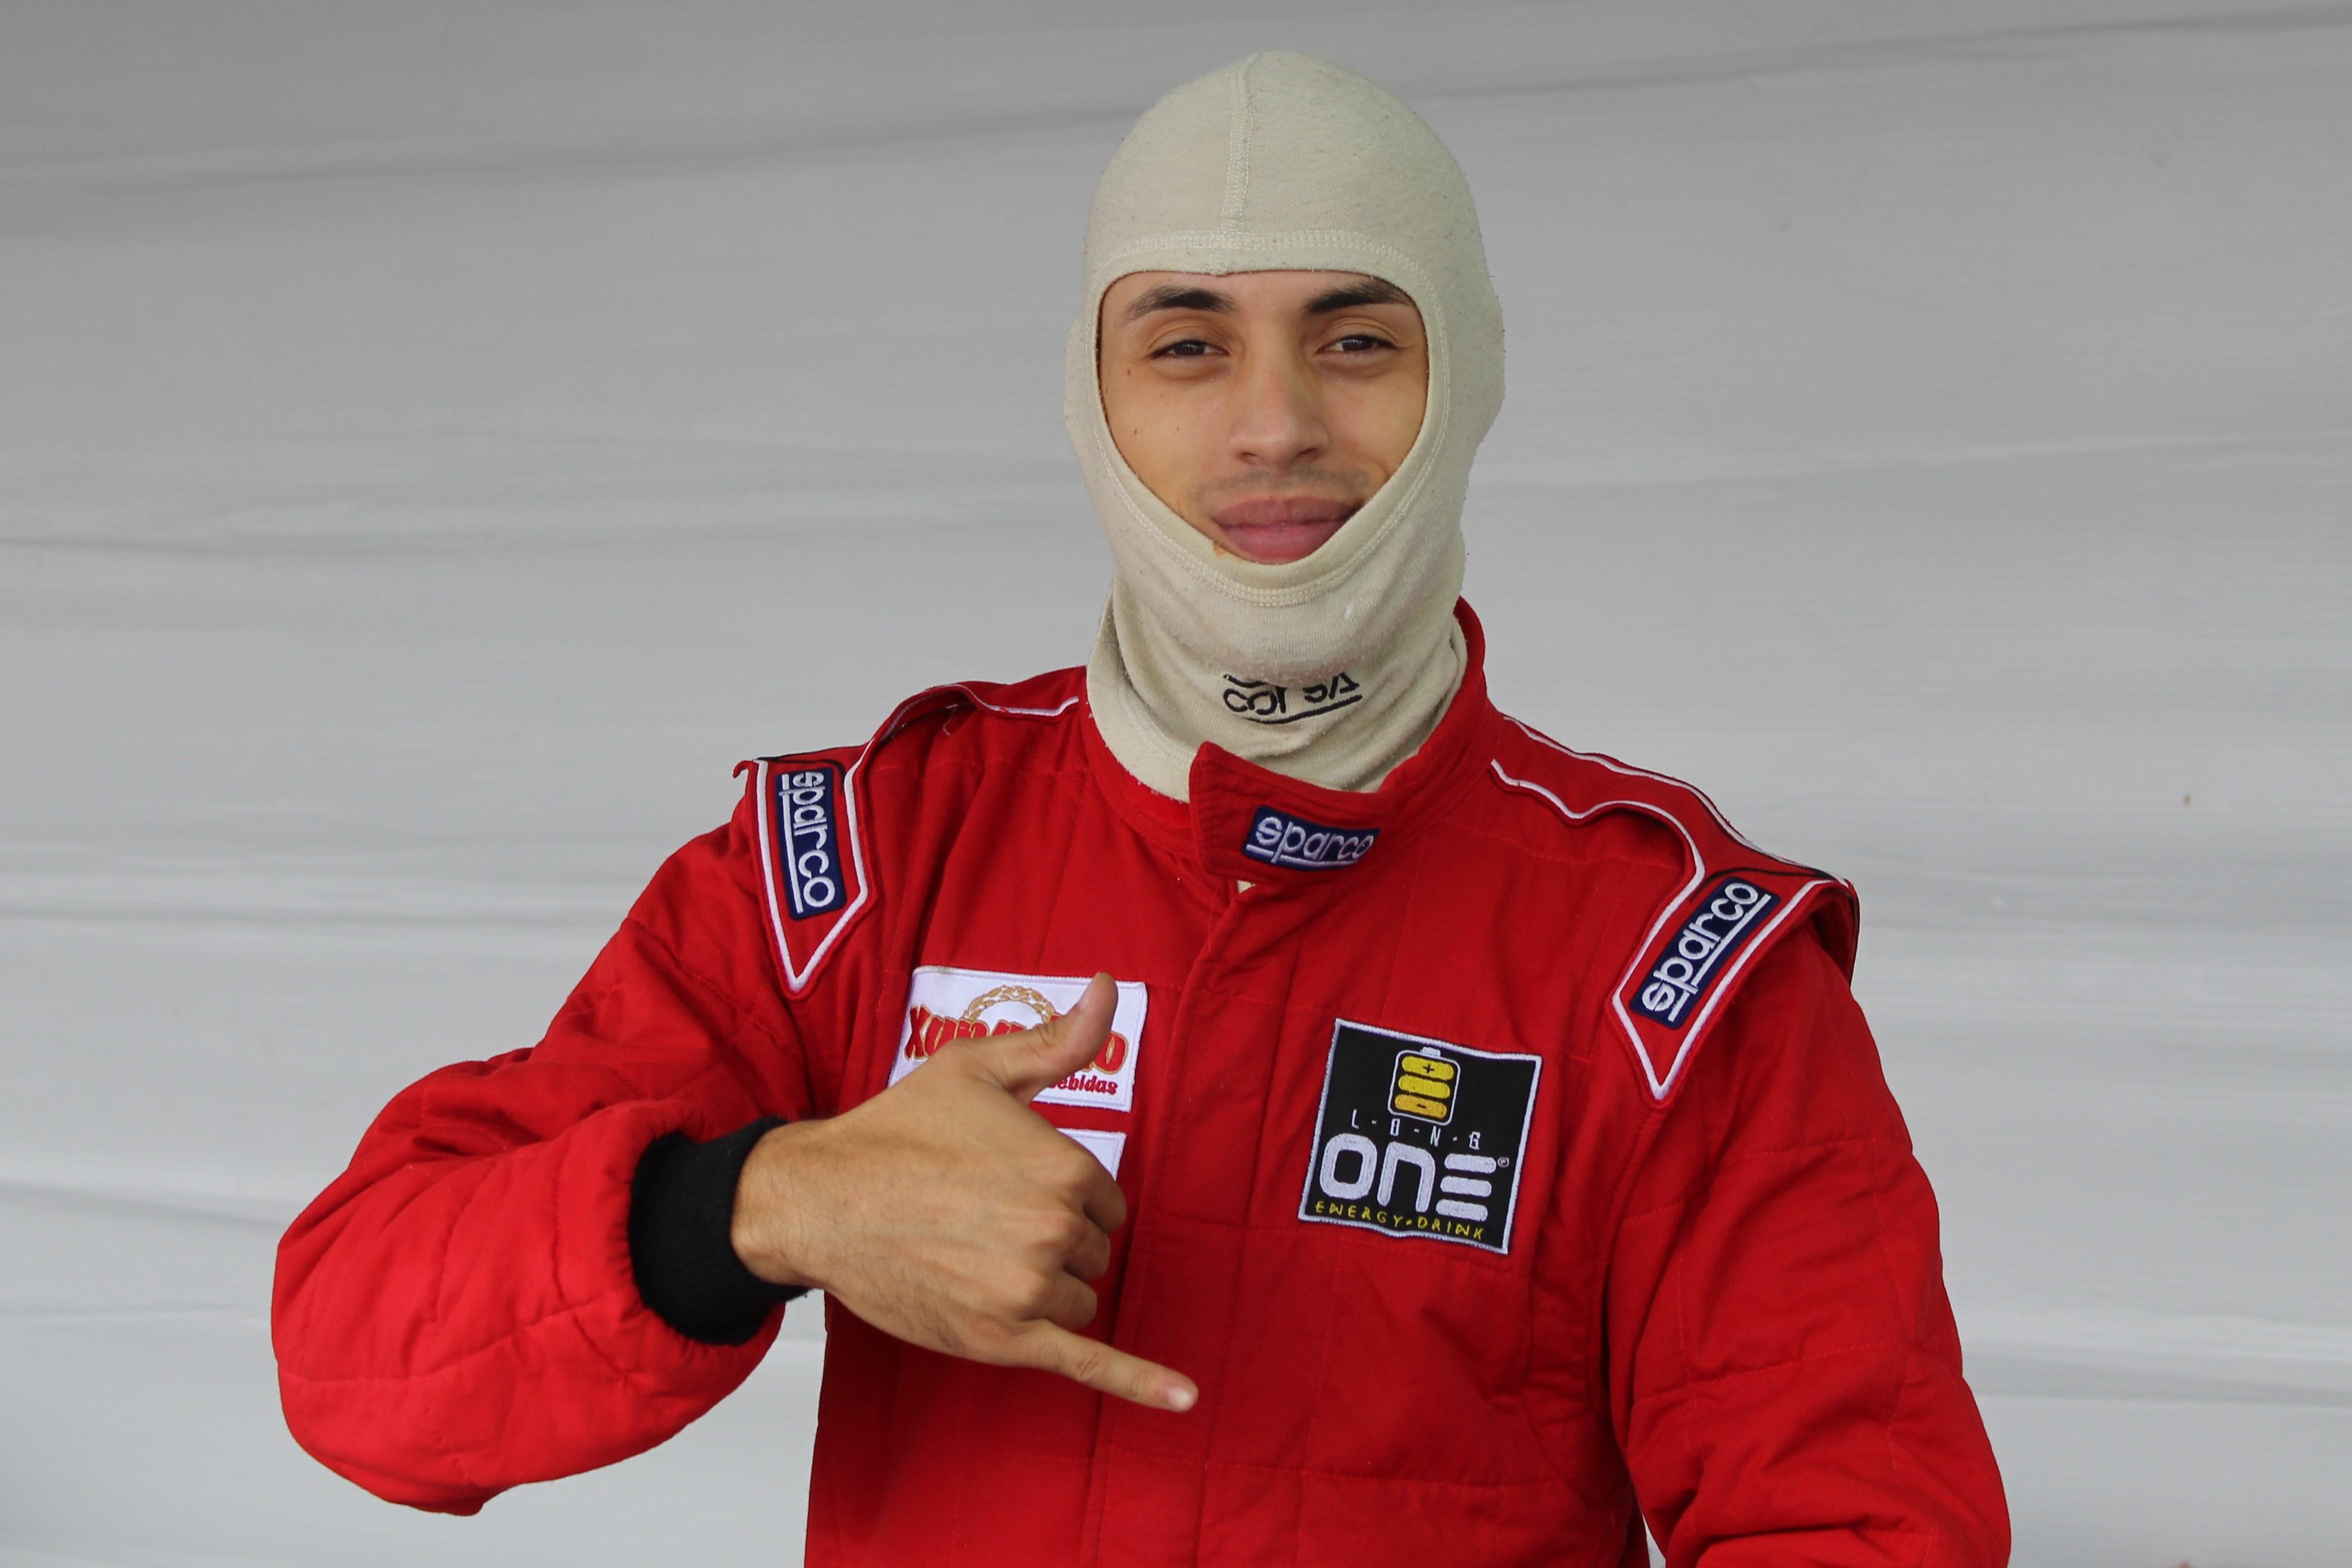 Lucas Veloso - box  Piloto de Itapevi disputa GP da Fórmula Vee em homenagem a Niki Lauda Lucas Veloso box